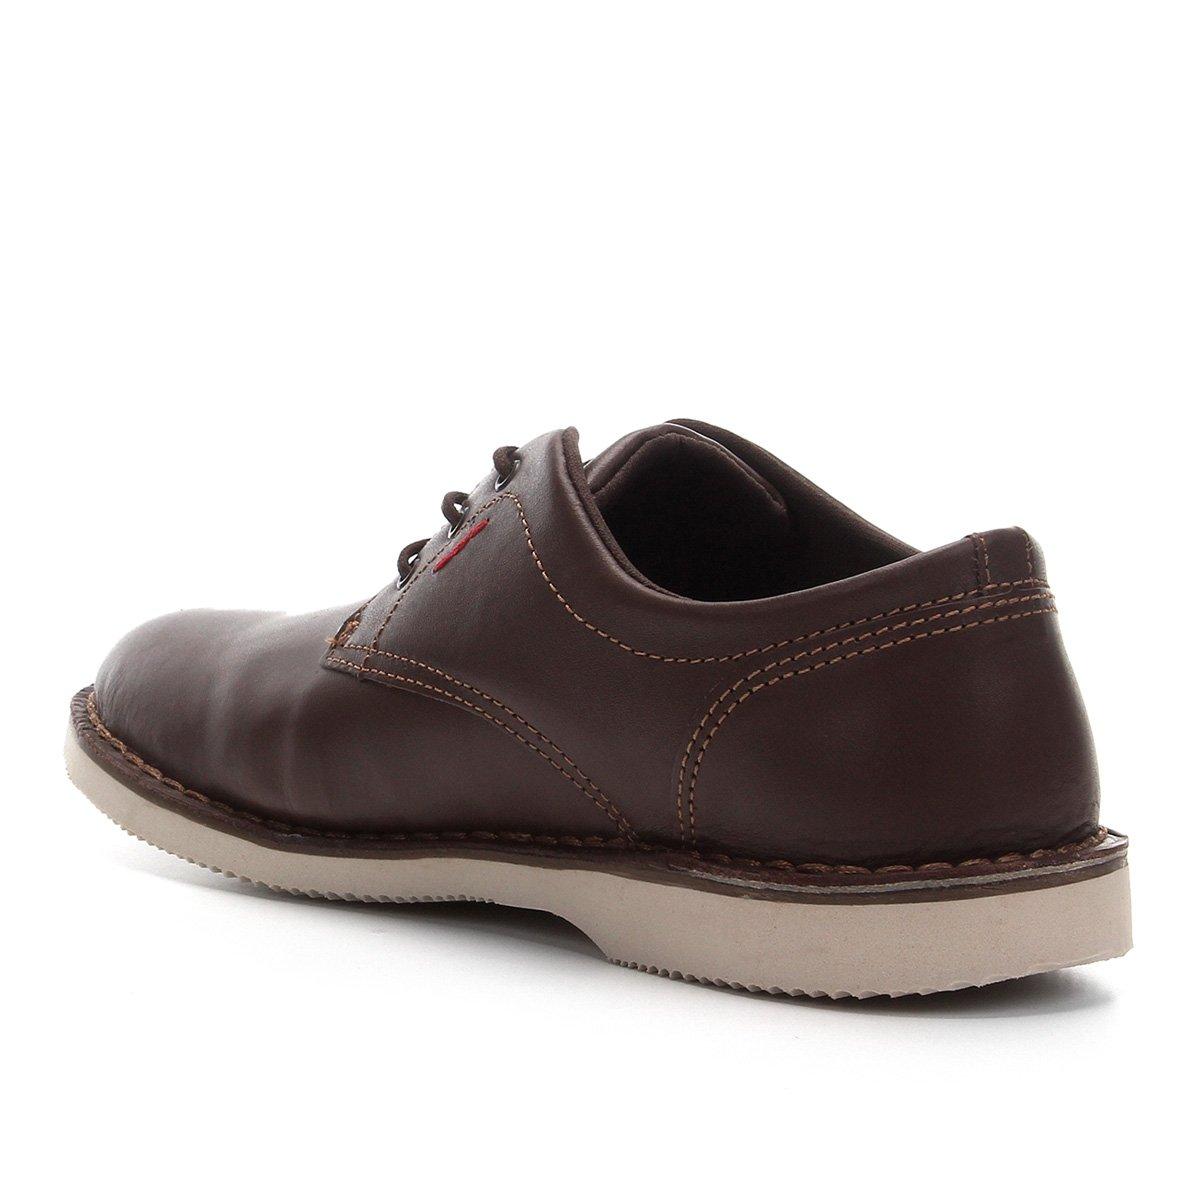 23bdda0e133c9 Sapato Casual Couro Kildare Fylei Masculino - Tam: 37 - Shopping ...